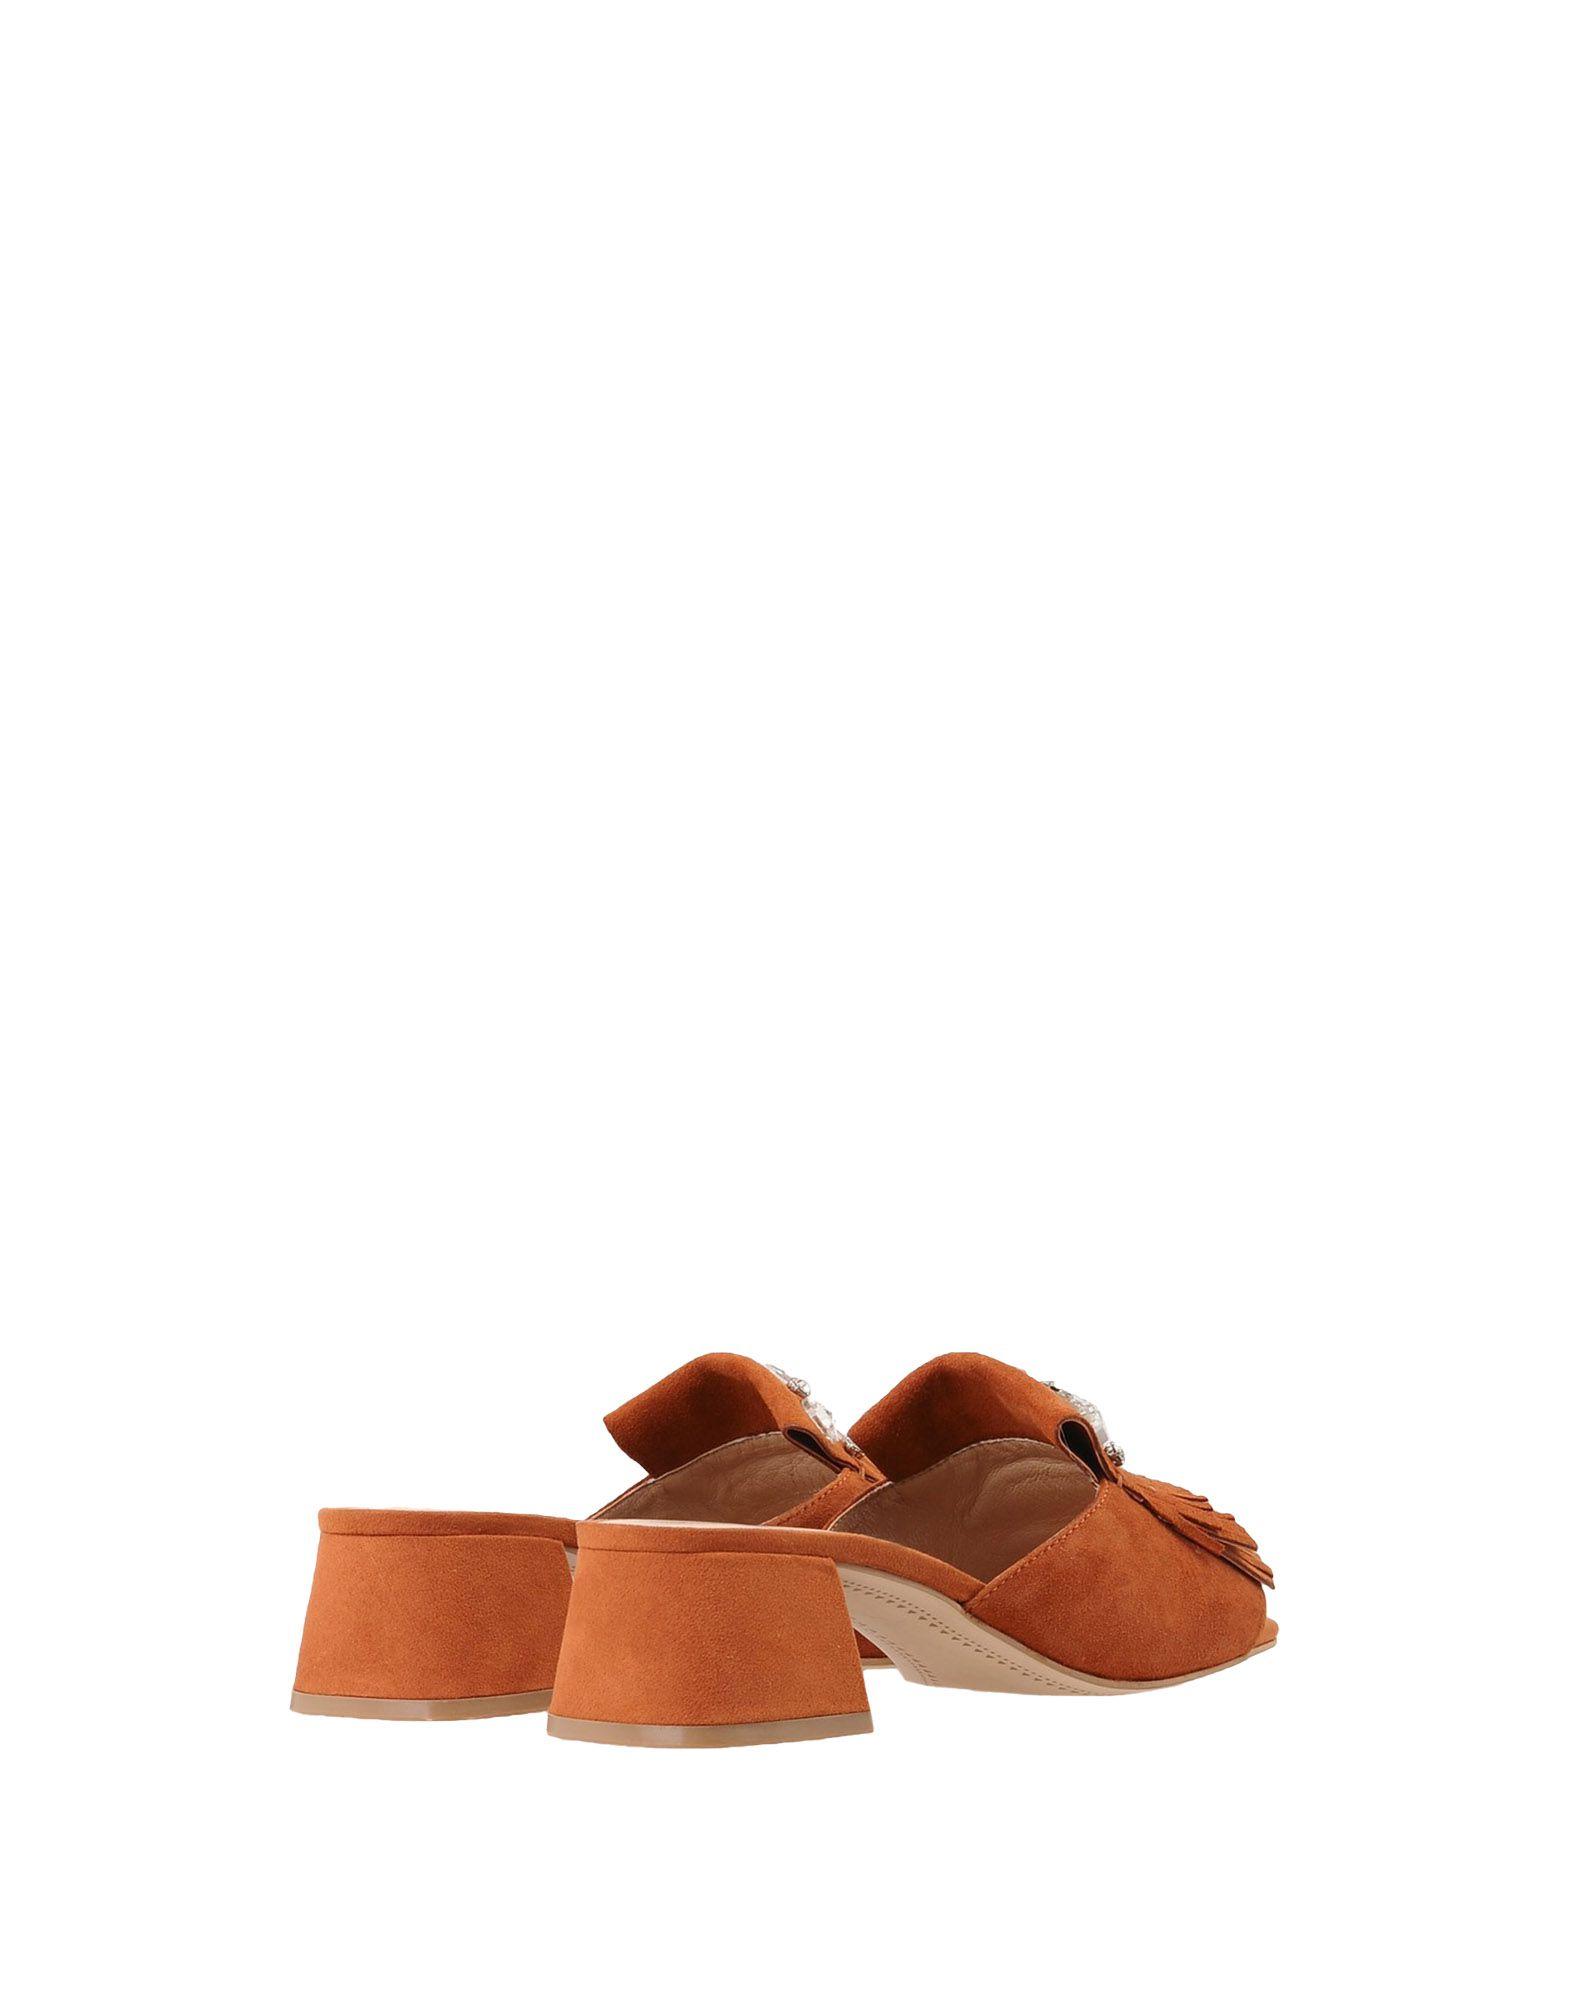 Bruno Premi Sandalen Damen  Schuhe 11464615UW Gute Qualität beliebte Schuhe  431250